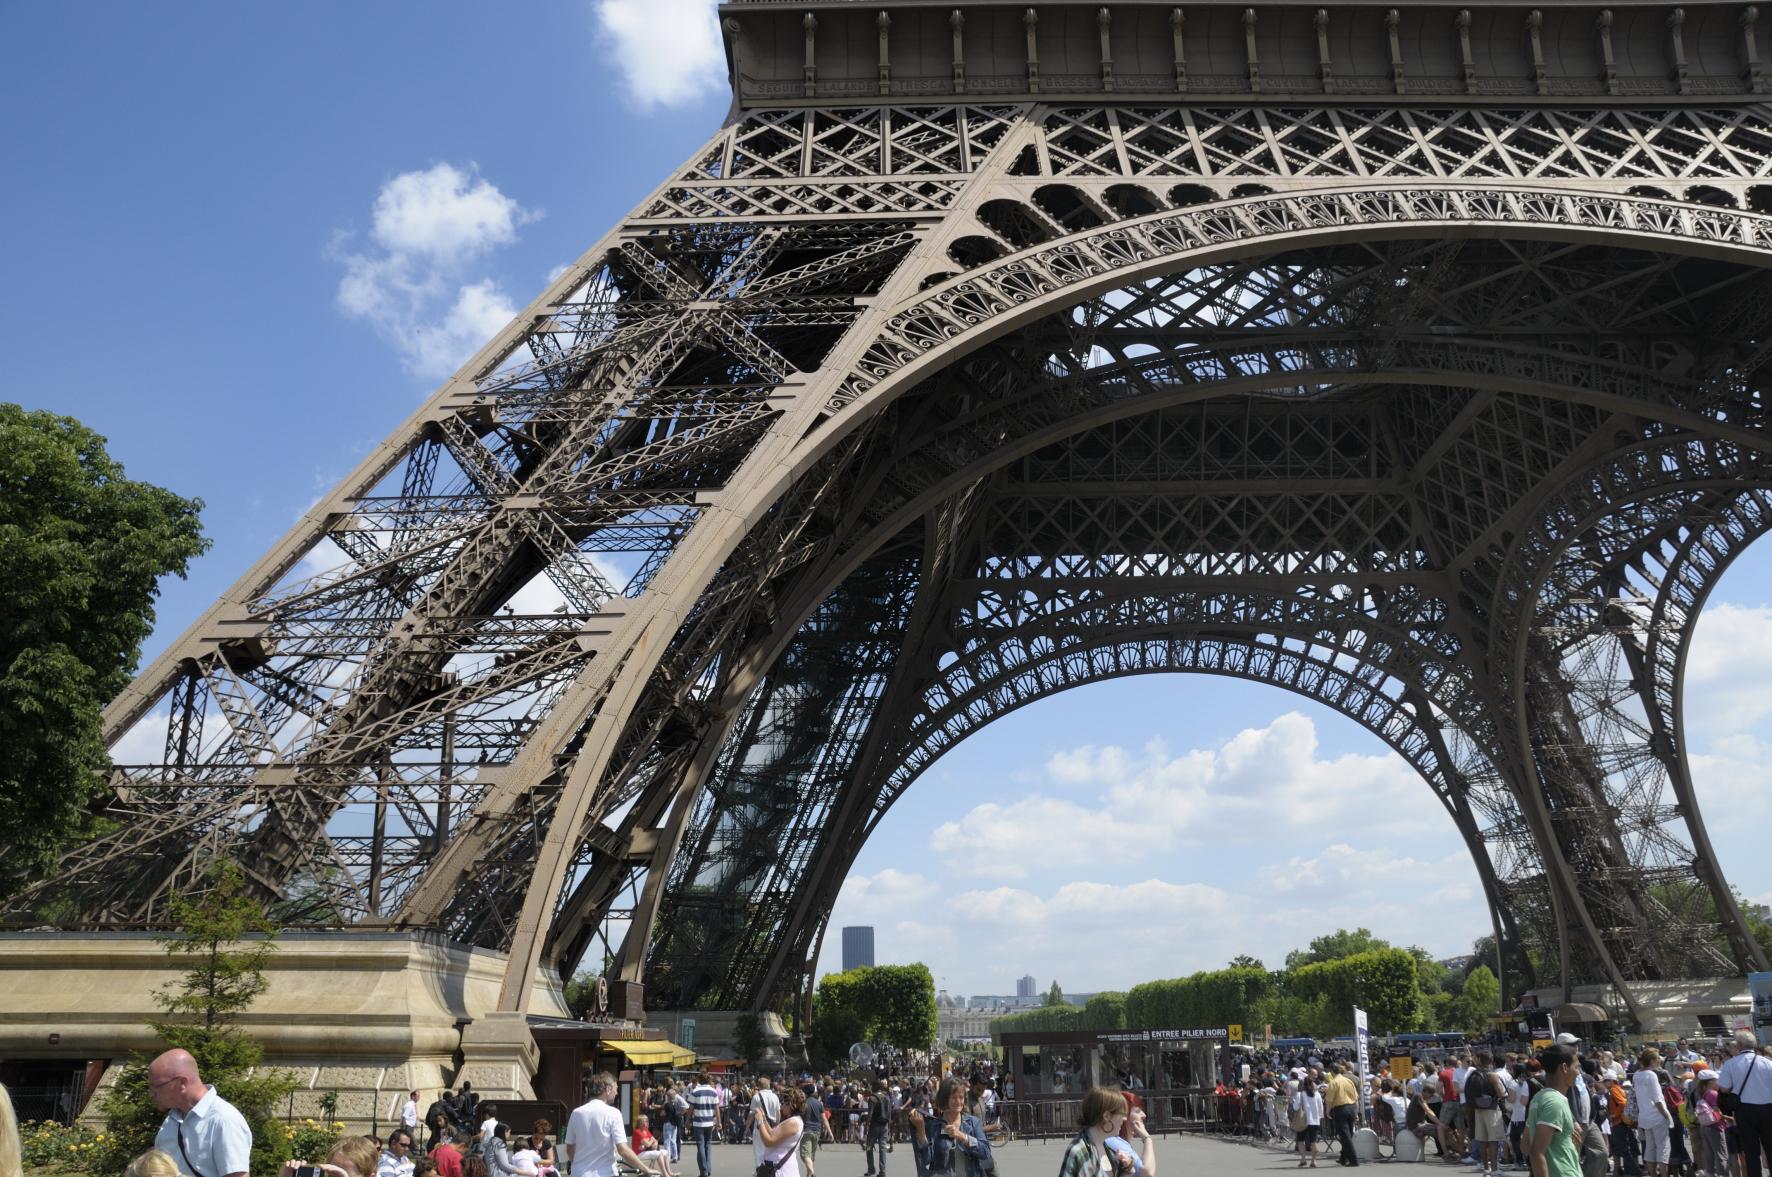 Tour eiffel 12 monument architecture toute image - Tour eiffel photos gratuites ...